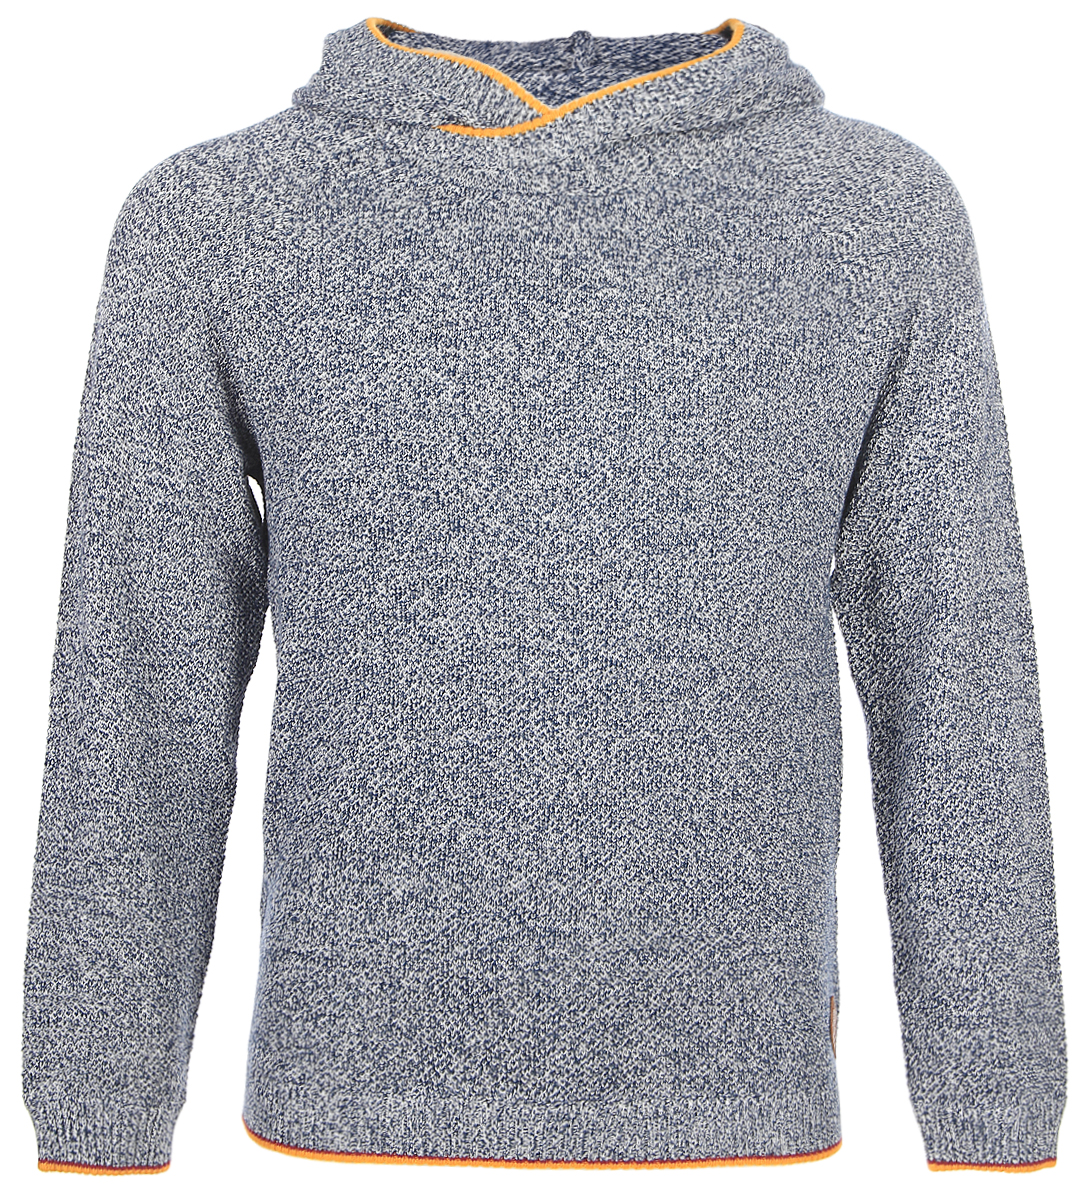 Джемпер для мальчиков Tom Tailor, цвет: серый. 3022872.00.82_6758. Размер 128/1343022872.00.82_6758